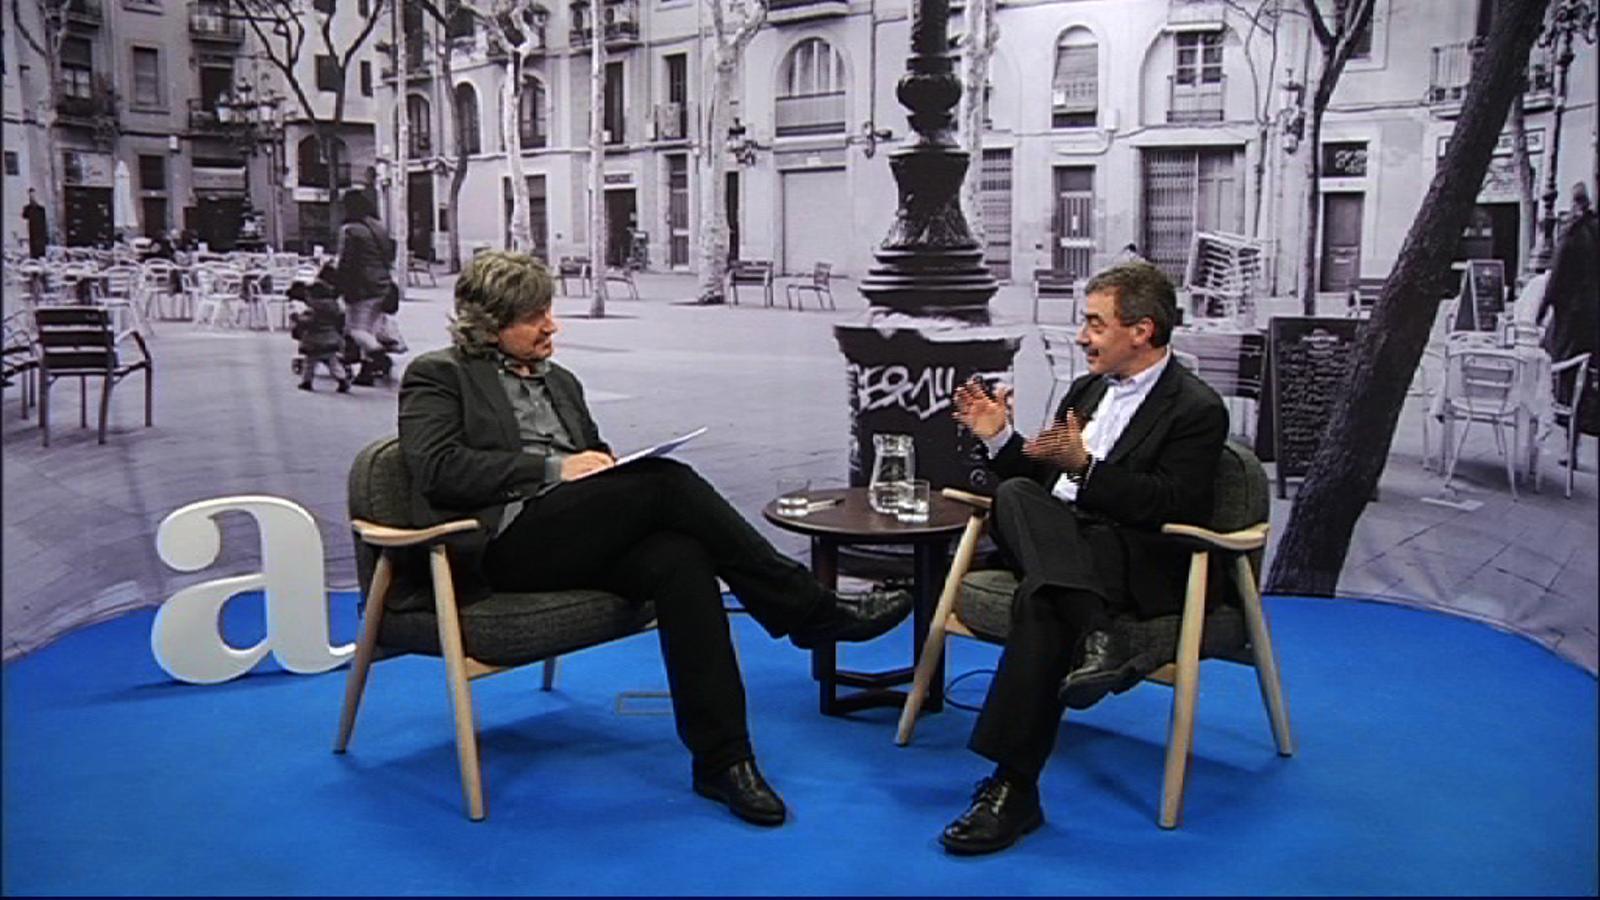 Entrevista de Carles Capdevila a Manuel J. Borja-Villel